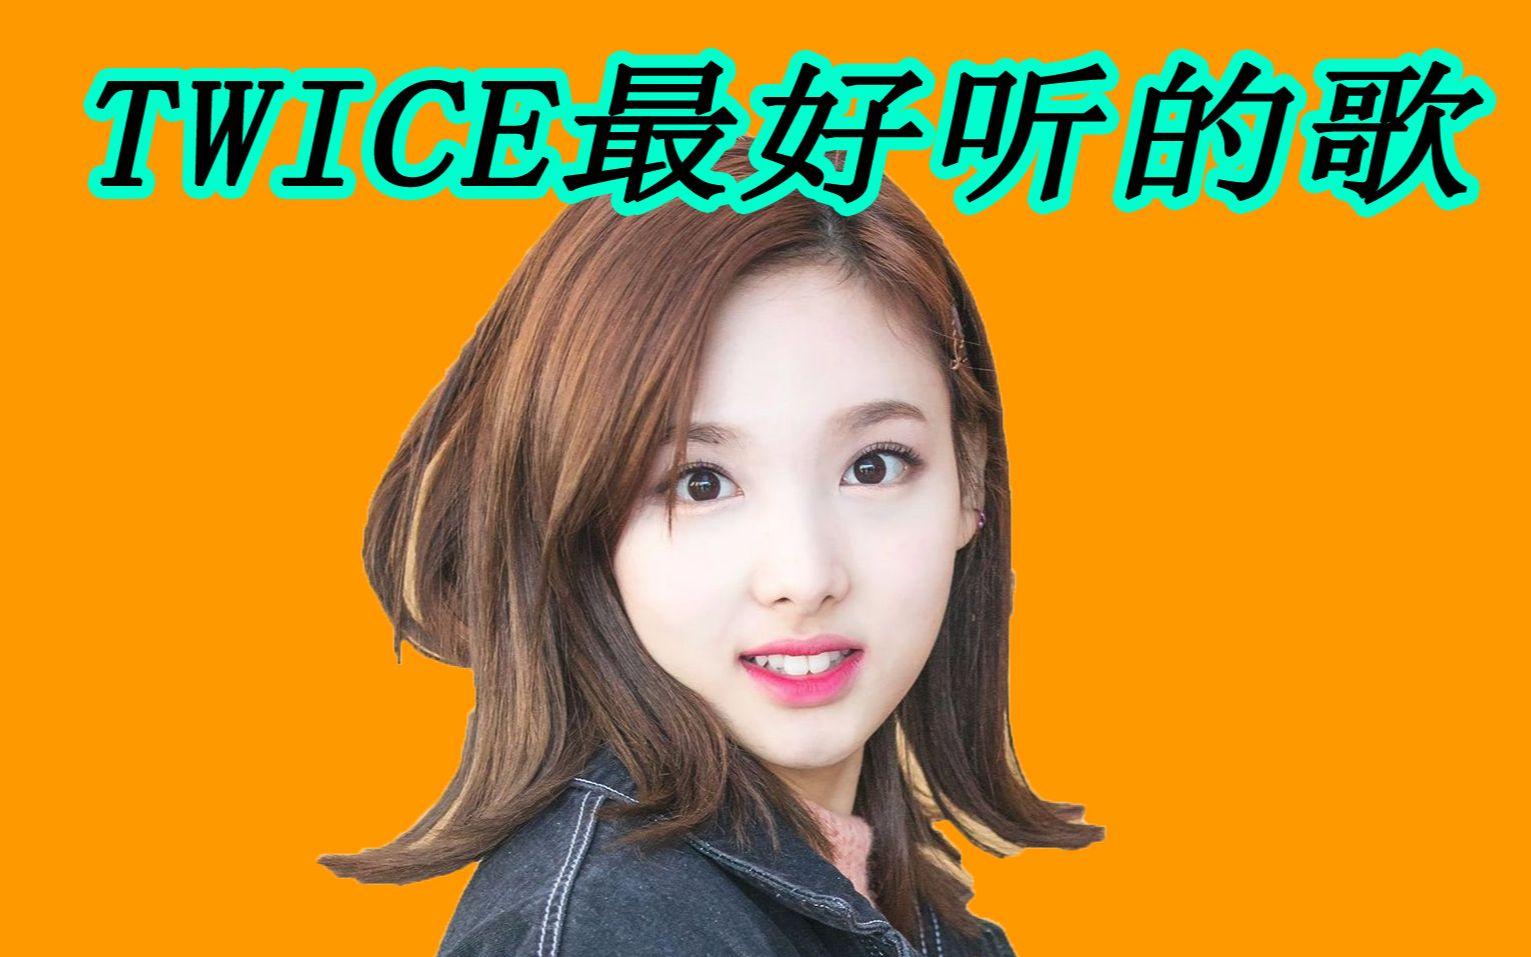 歌 twice 生